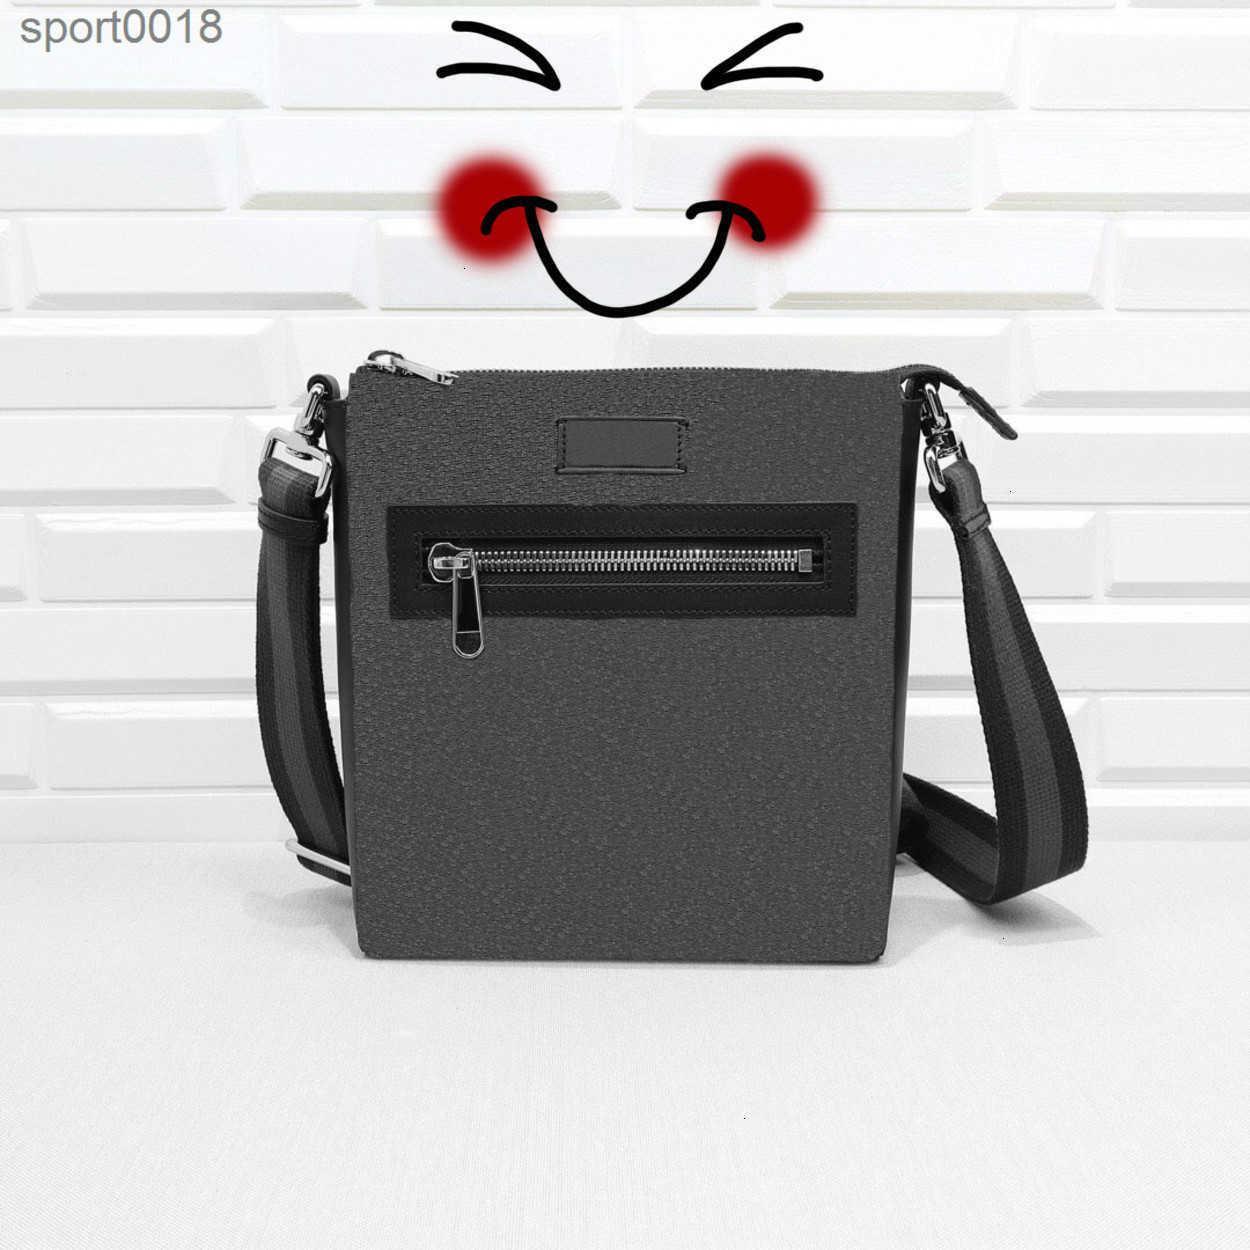 Klasik Moda Stil Messenger Çanta, Çeşitli Renkler, Dışarı Çıkma Seçimi, Boyutu: 21 * 23,5 cm,